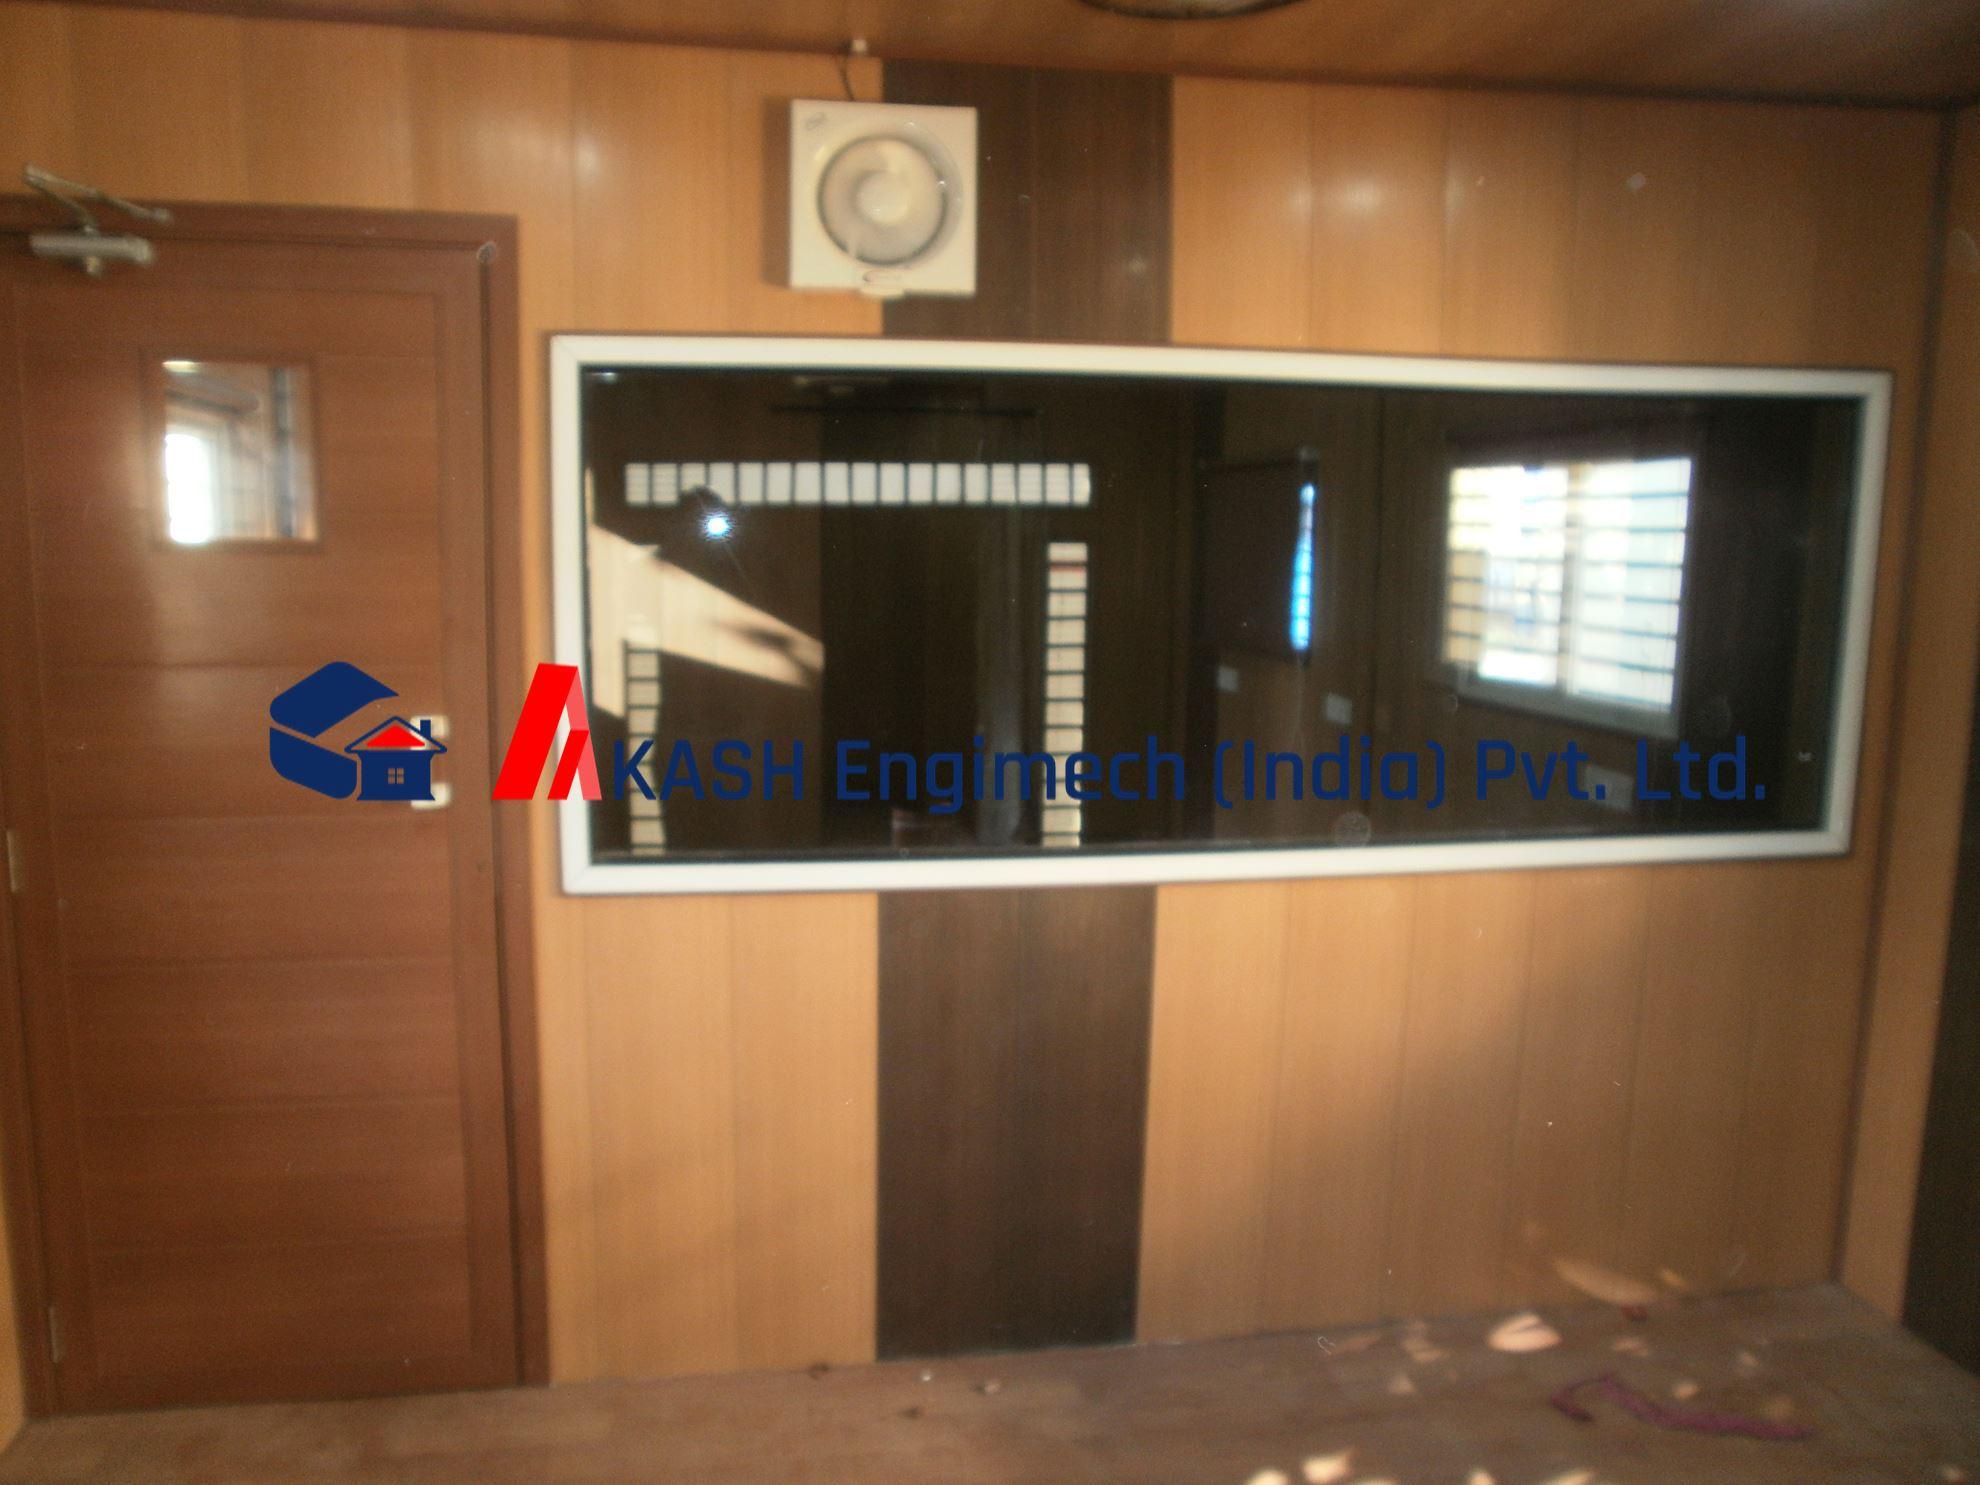 Akash Engimech India Pvt Ltd Mobile Office